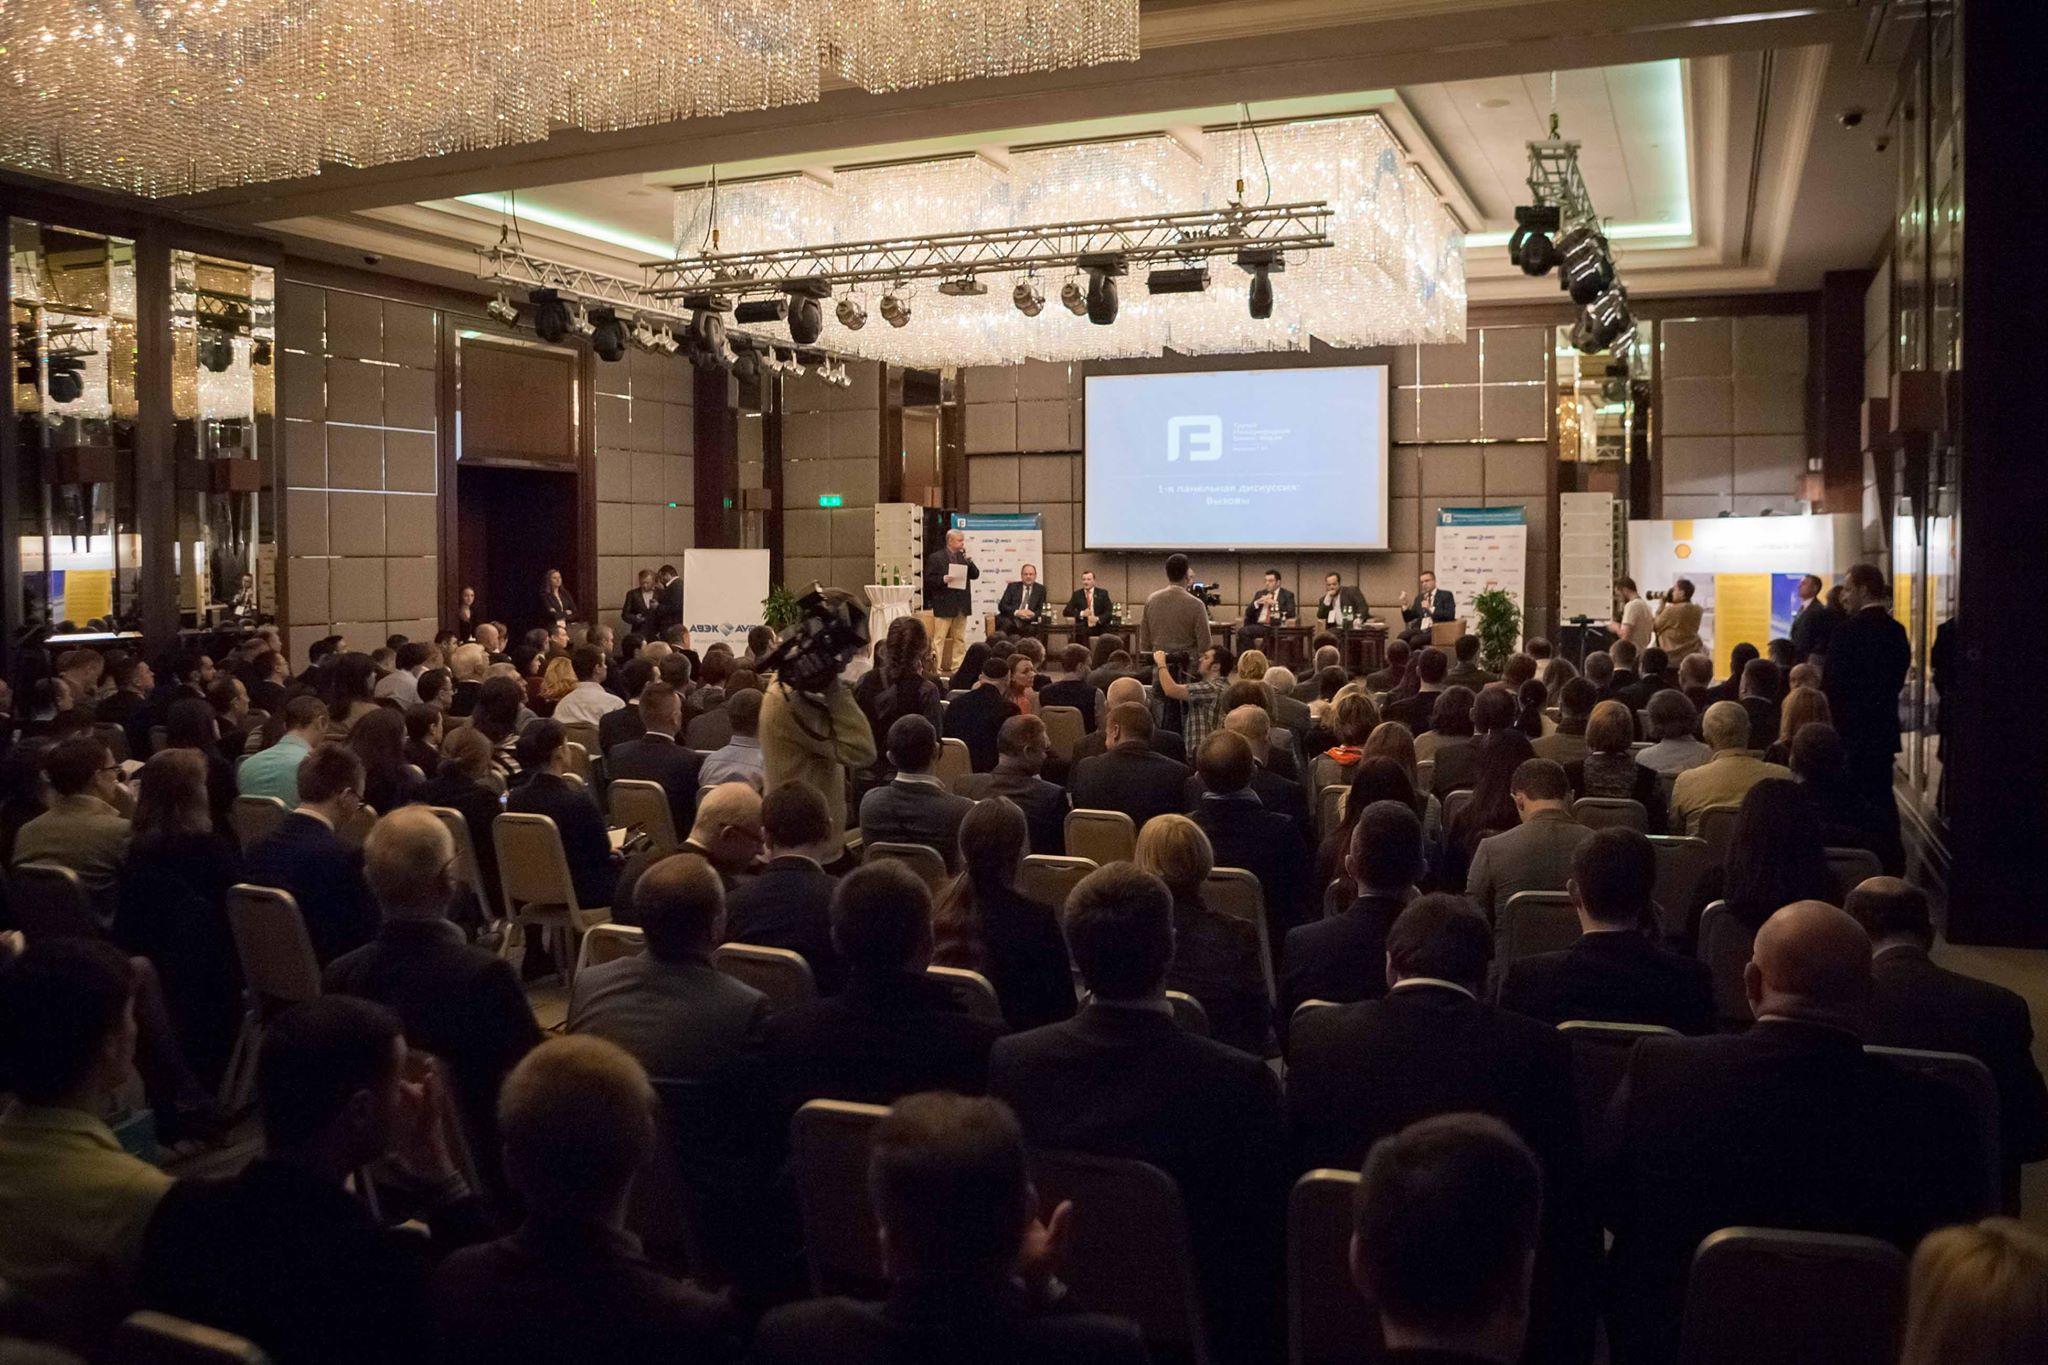 ПРЕС-РЕЛІЗ: SP Advisors виступила партнером Четвертого Харківського Міжнародного Бізнес-Форуму